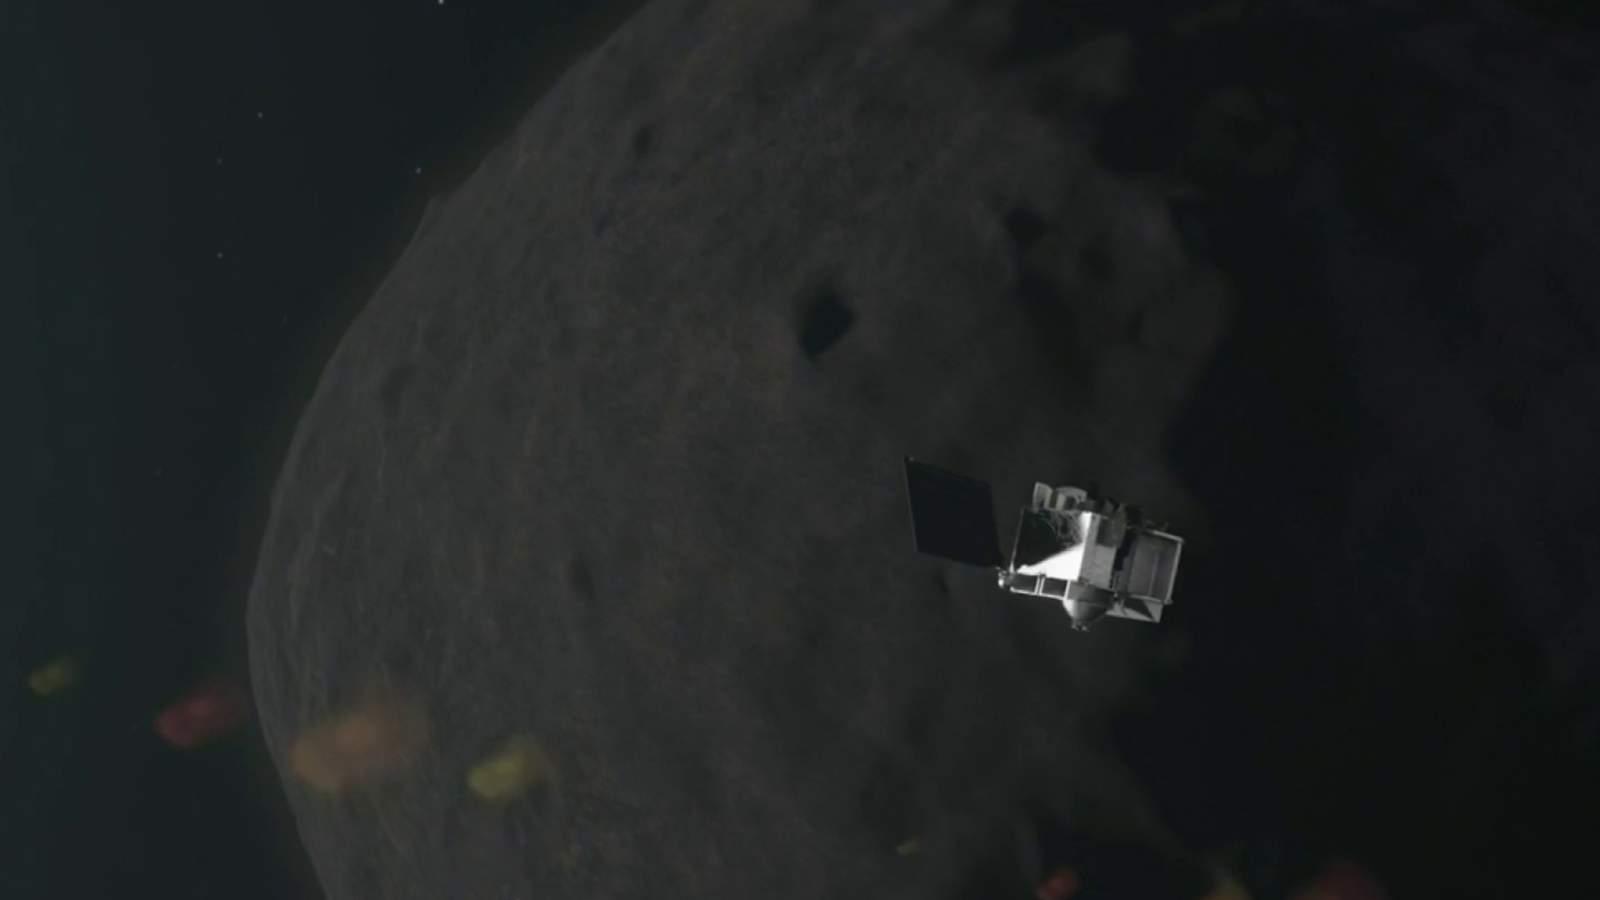 Comment faire : Ce qu'il faut savoir sur la mission OSIRIS-REx